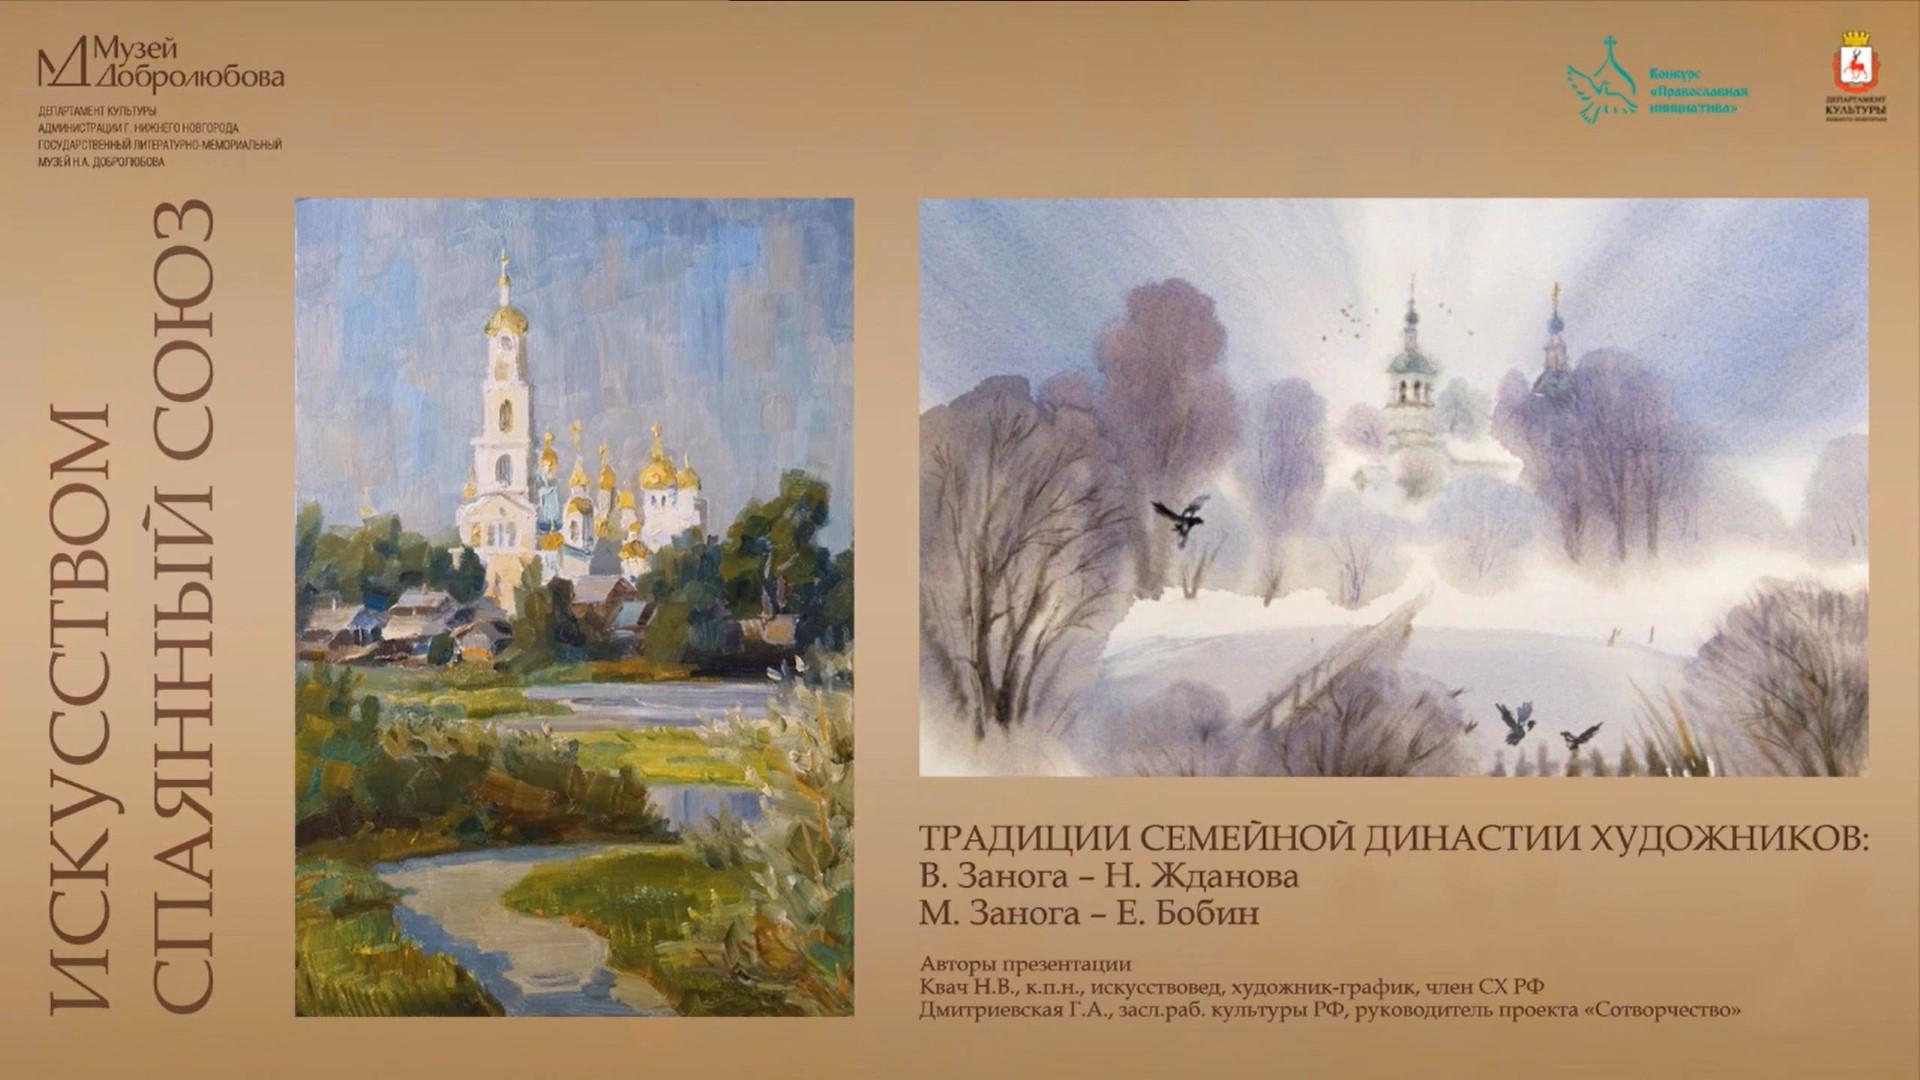 Нижегородский музей Добролюбова опубликовал видеорассказ «Искусством спаянный союз»